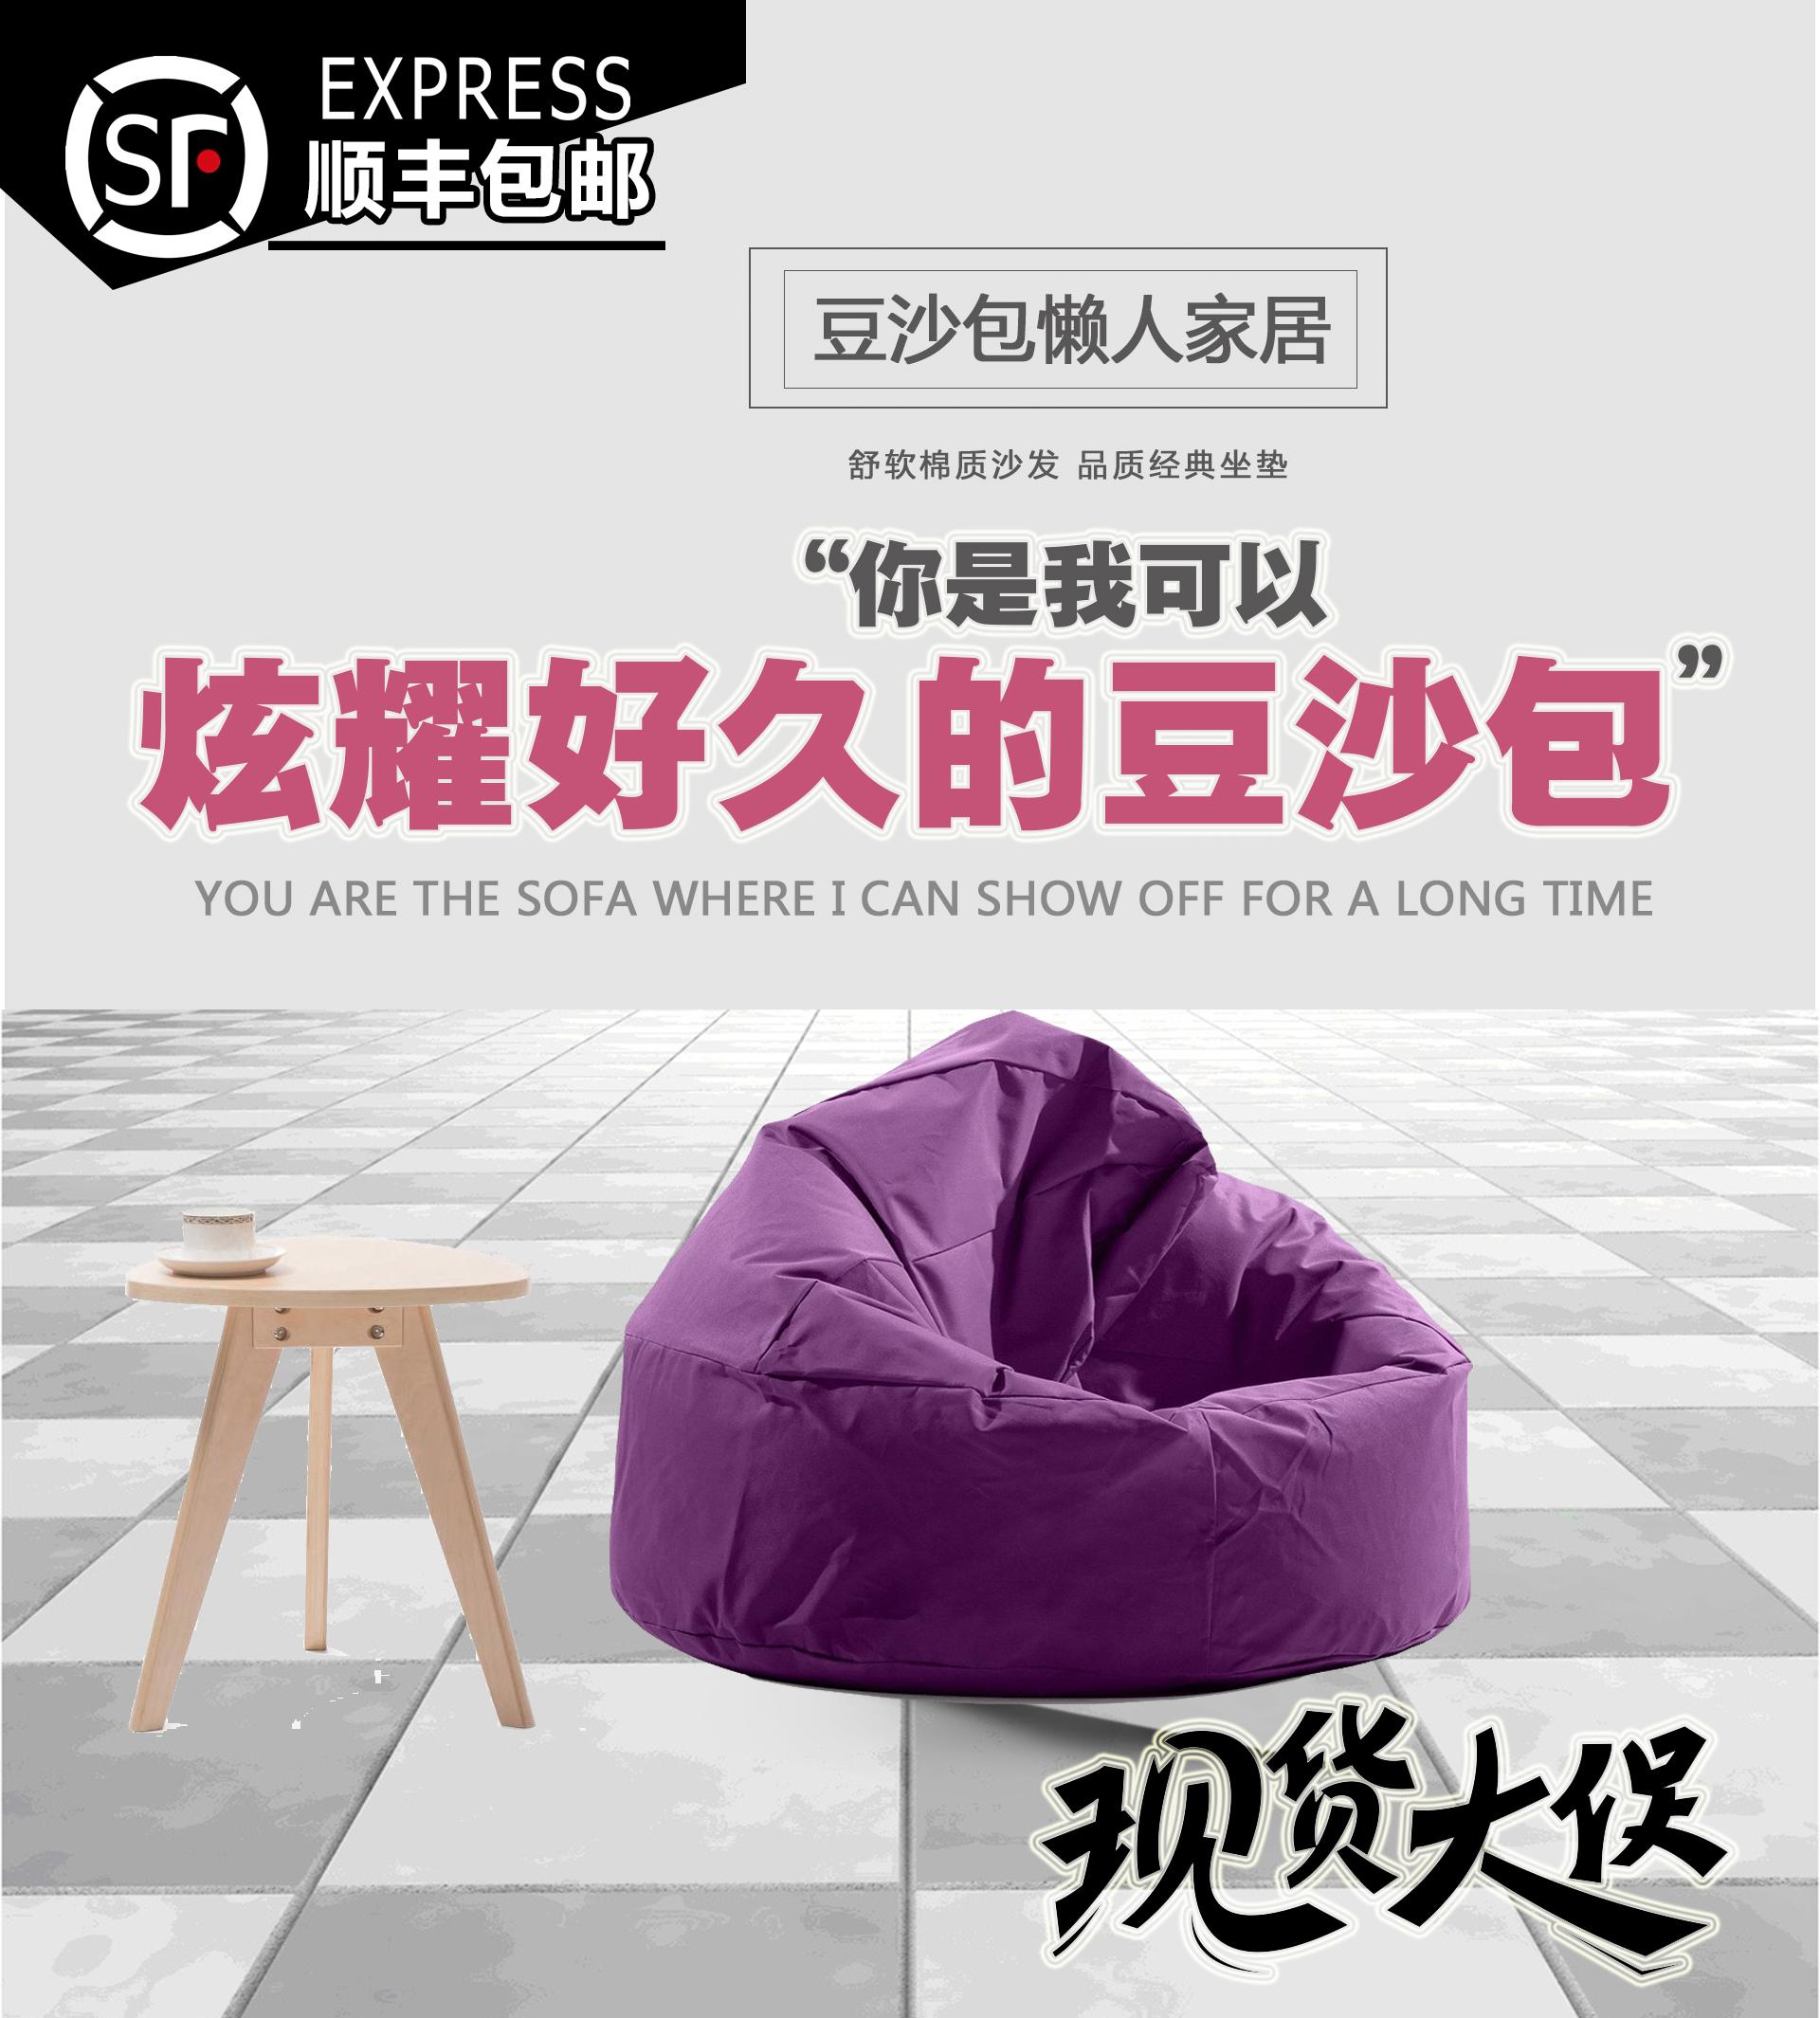 豆沙包懒人沙发豆袋素色单人沙发卧室花园创意沙发简约舒适榻榻米